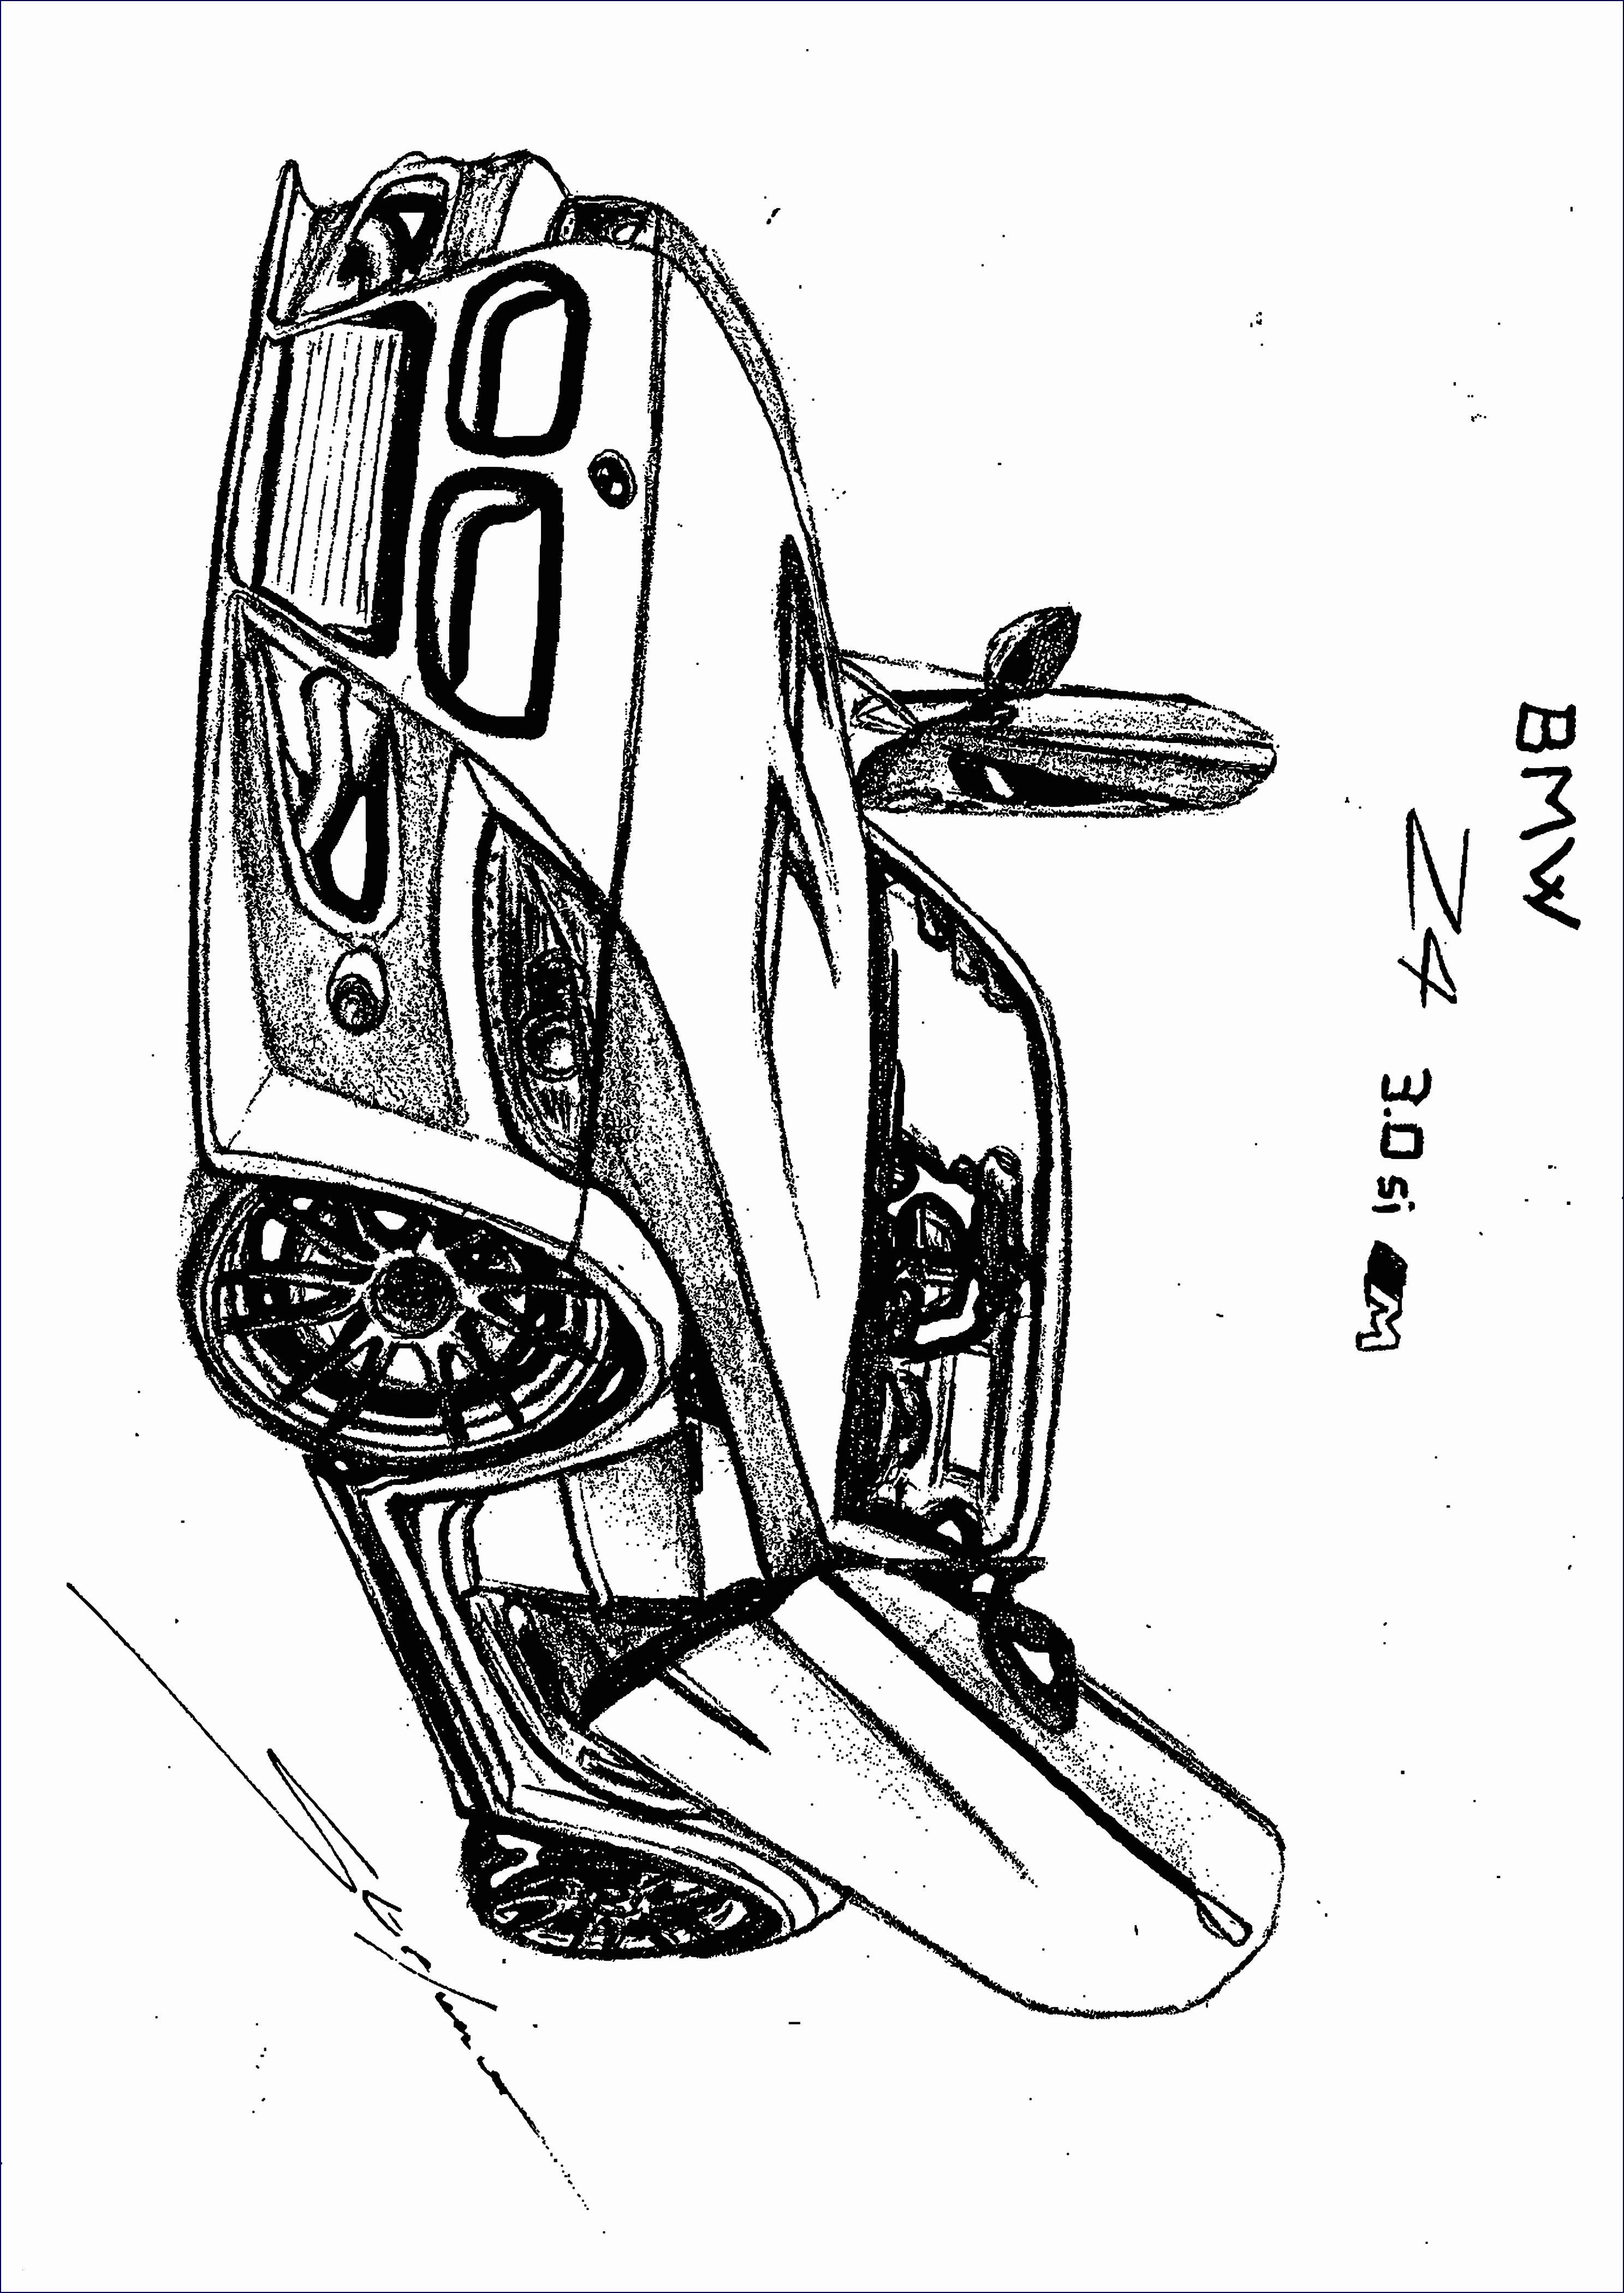 Lightning Mcqueen Malvorlage Einzigartig ford Mustang Ausmalbilder Luxus 1970 Bugatti Luxury Bmw X5 3 0d 2003 Bilder